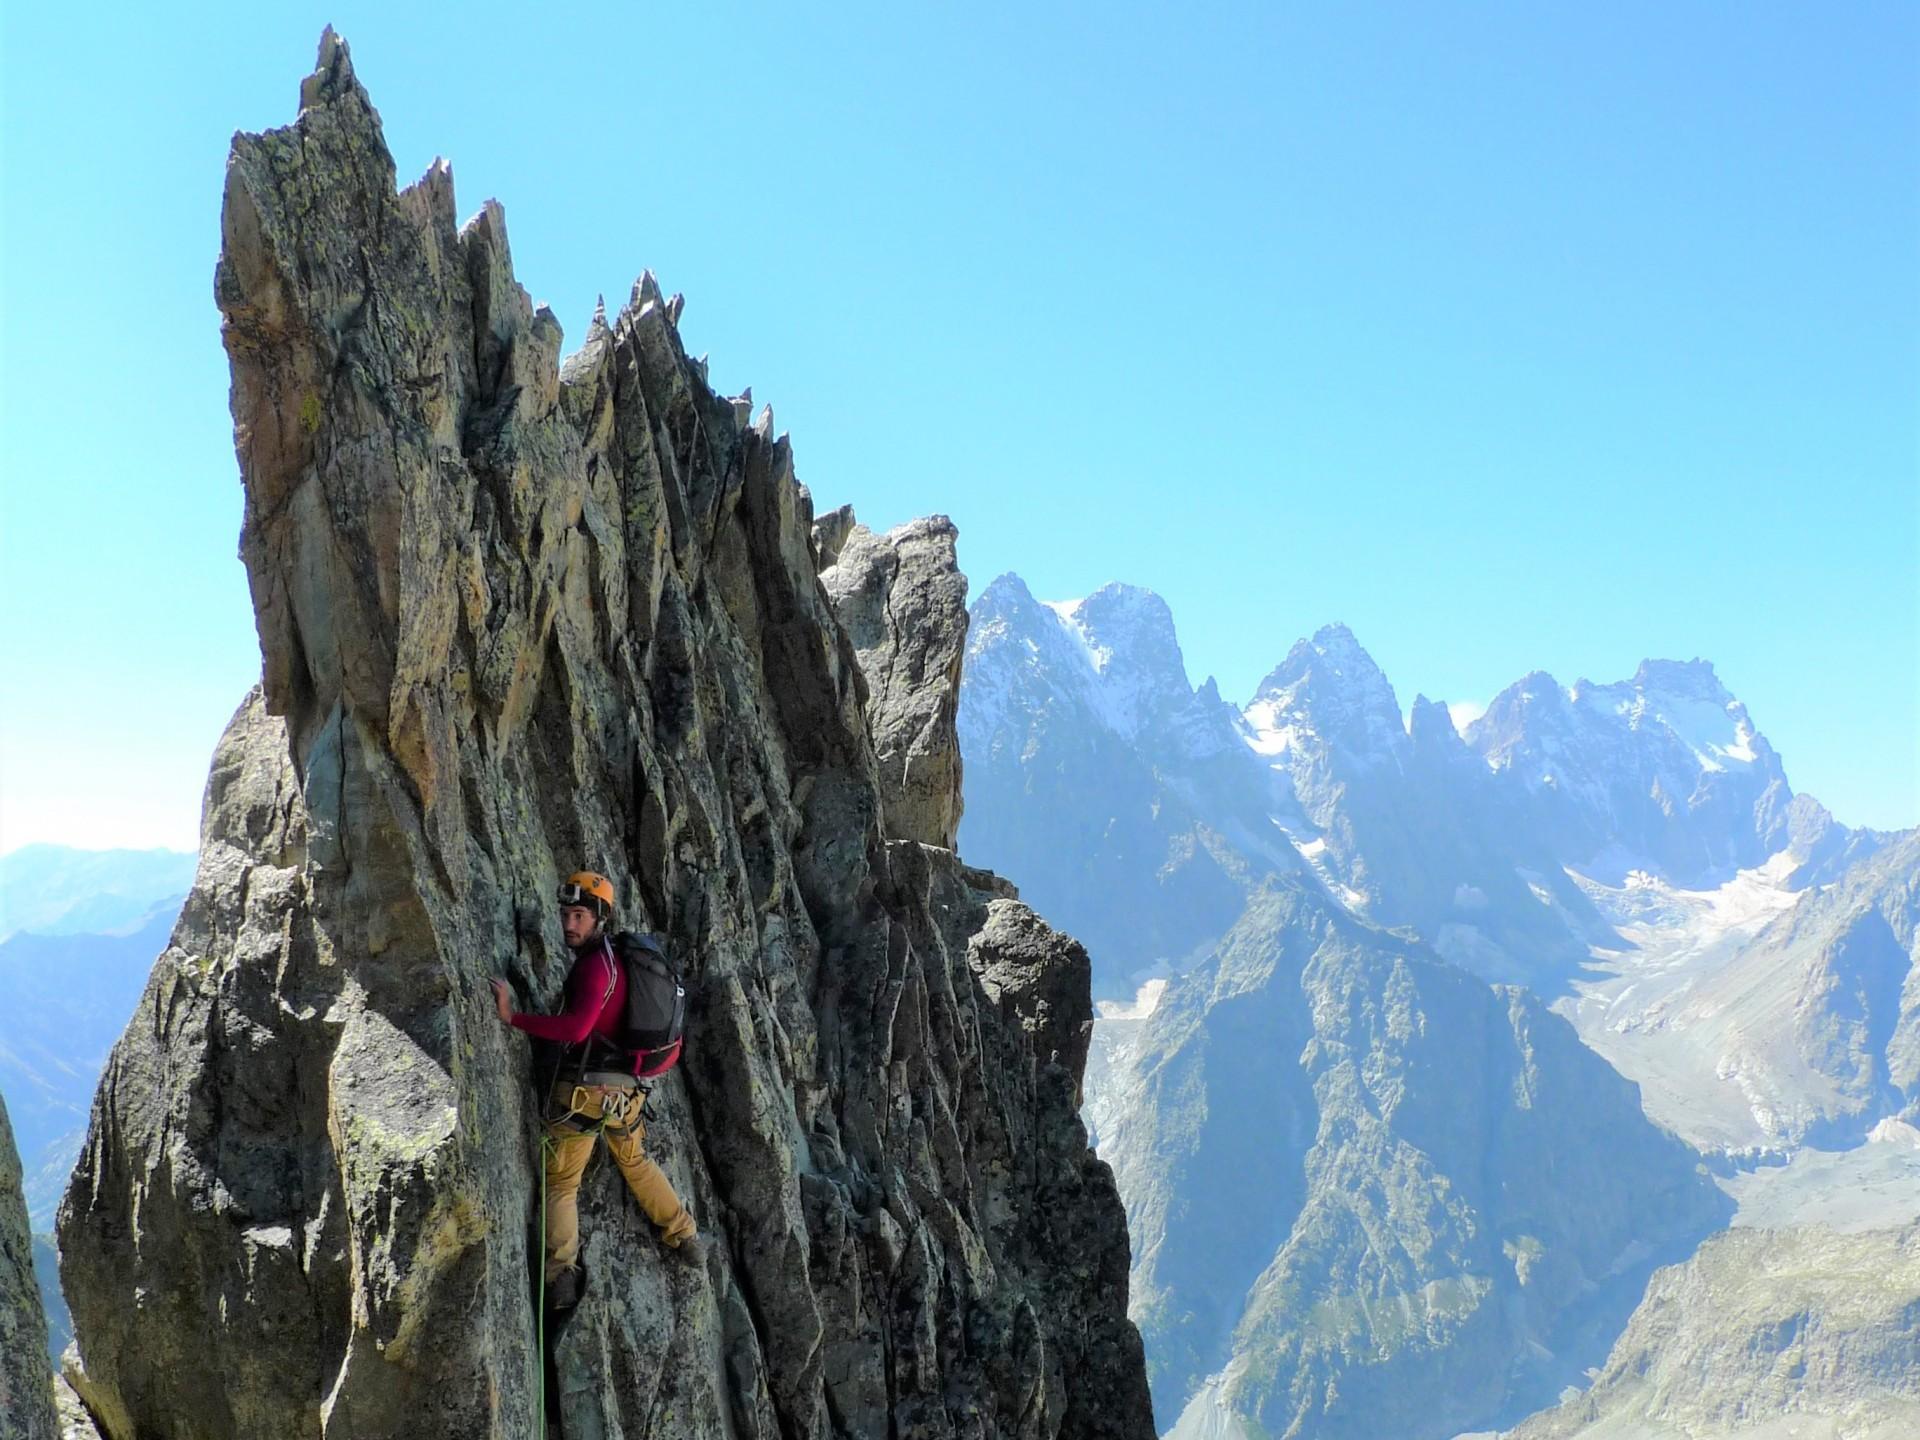 le fil tranchant des Arêtes des Cinéaste au-dessus du cirque du Glacier Blanc